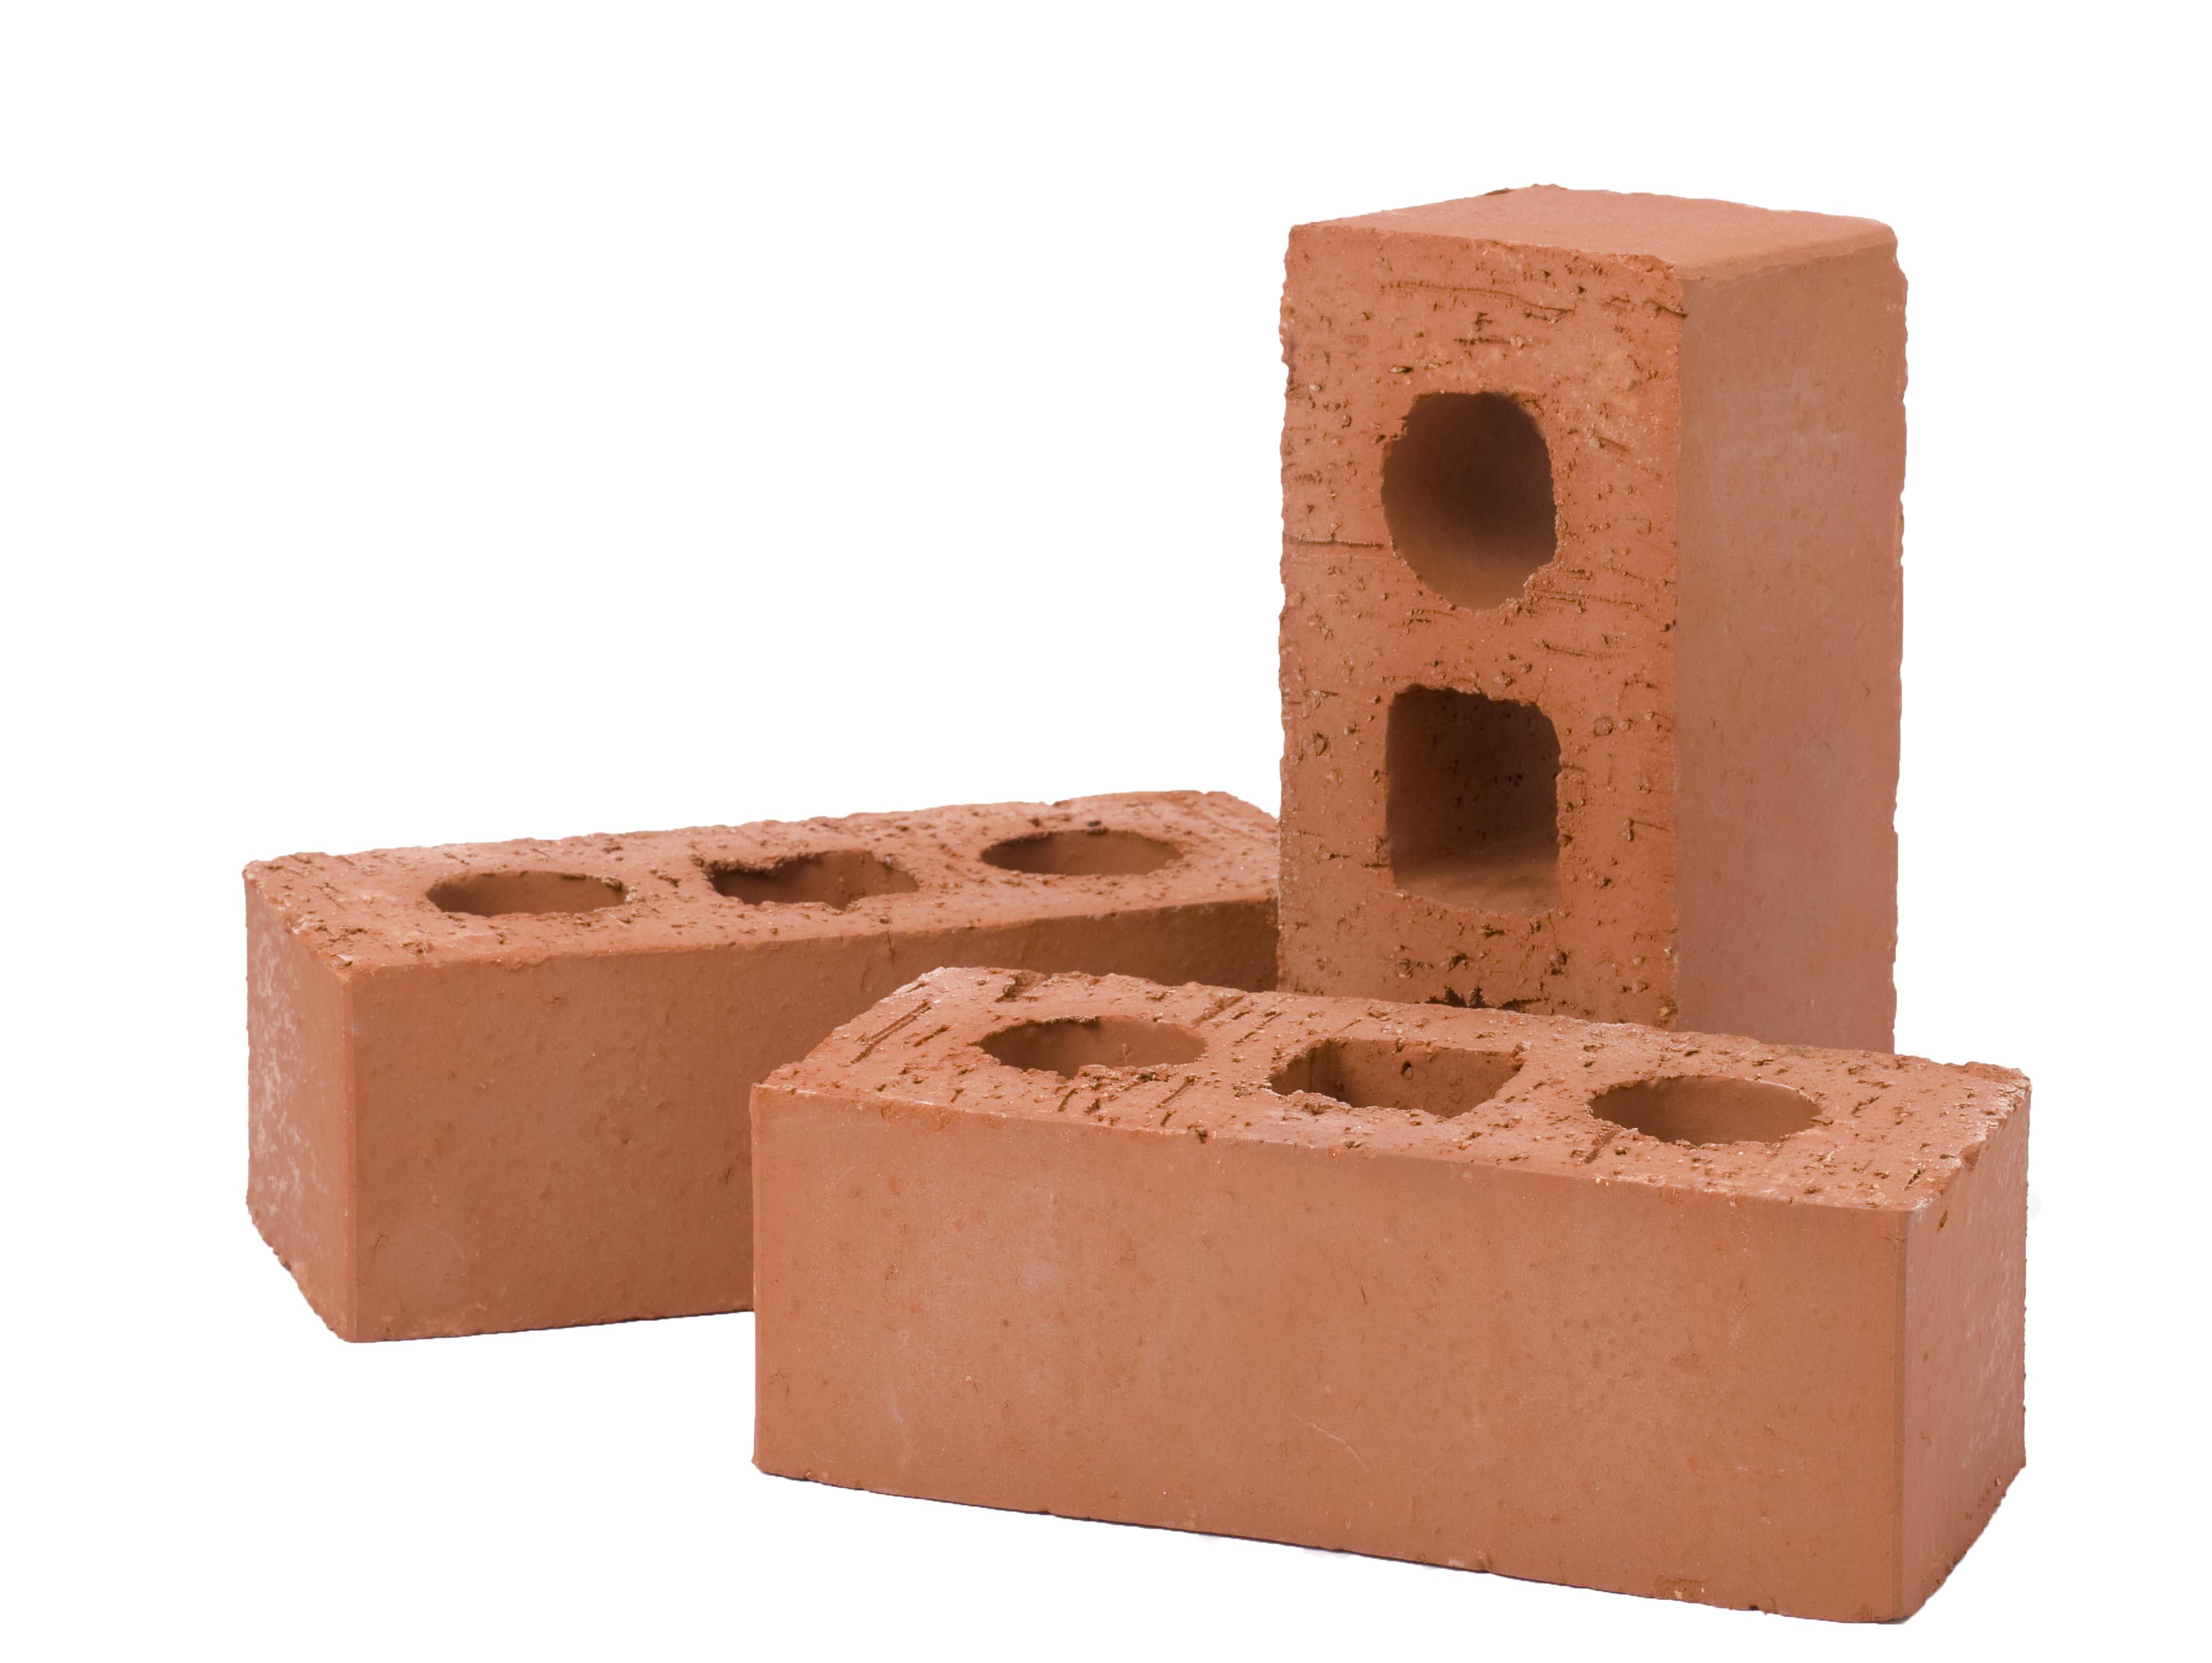 Conduit De Cheminee En Brique Rouge palette 700 briques rouges boeren 65 18 x 8,5 x 6,5 cm (livraison à  domicile) - mr.bricolage